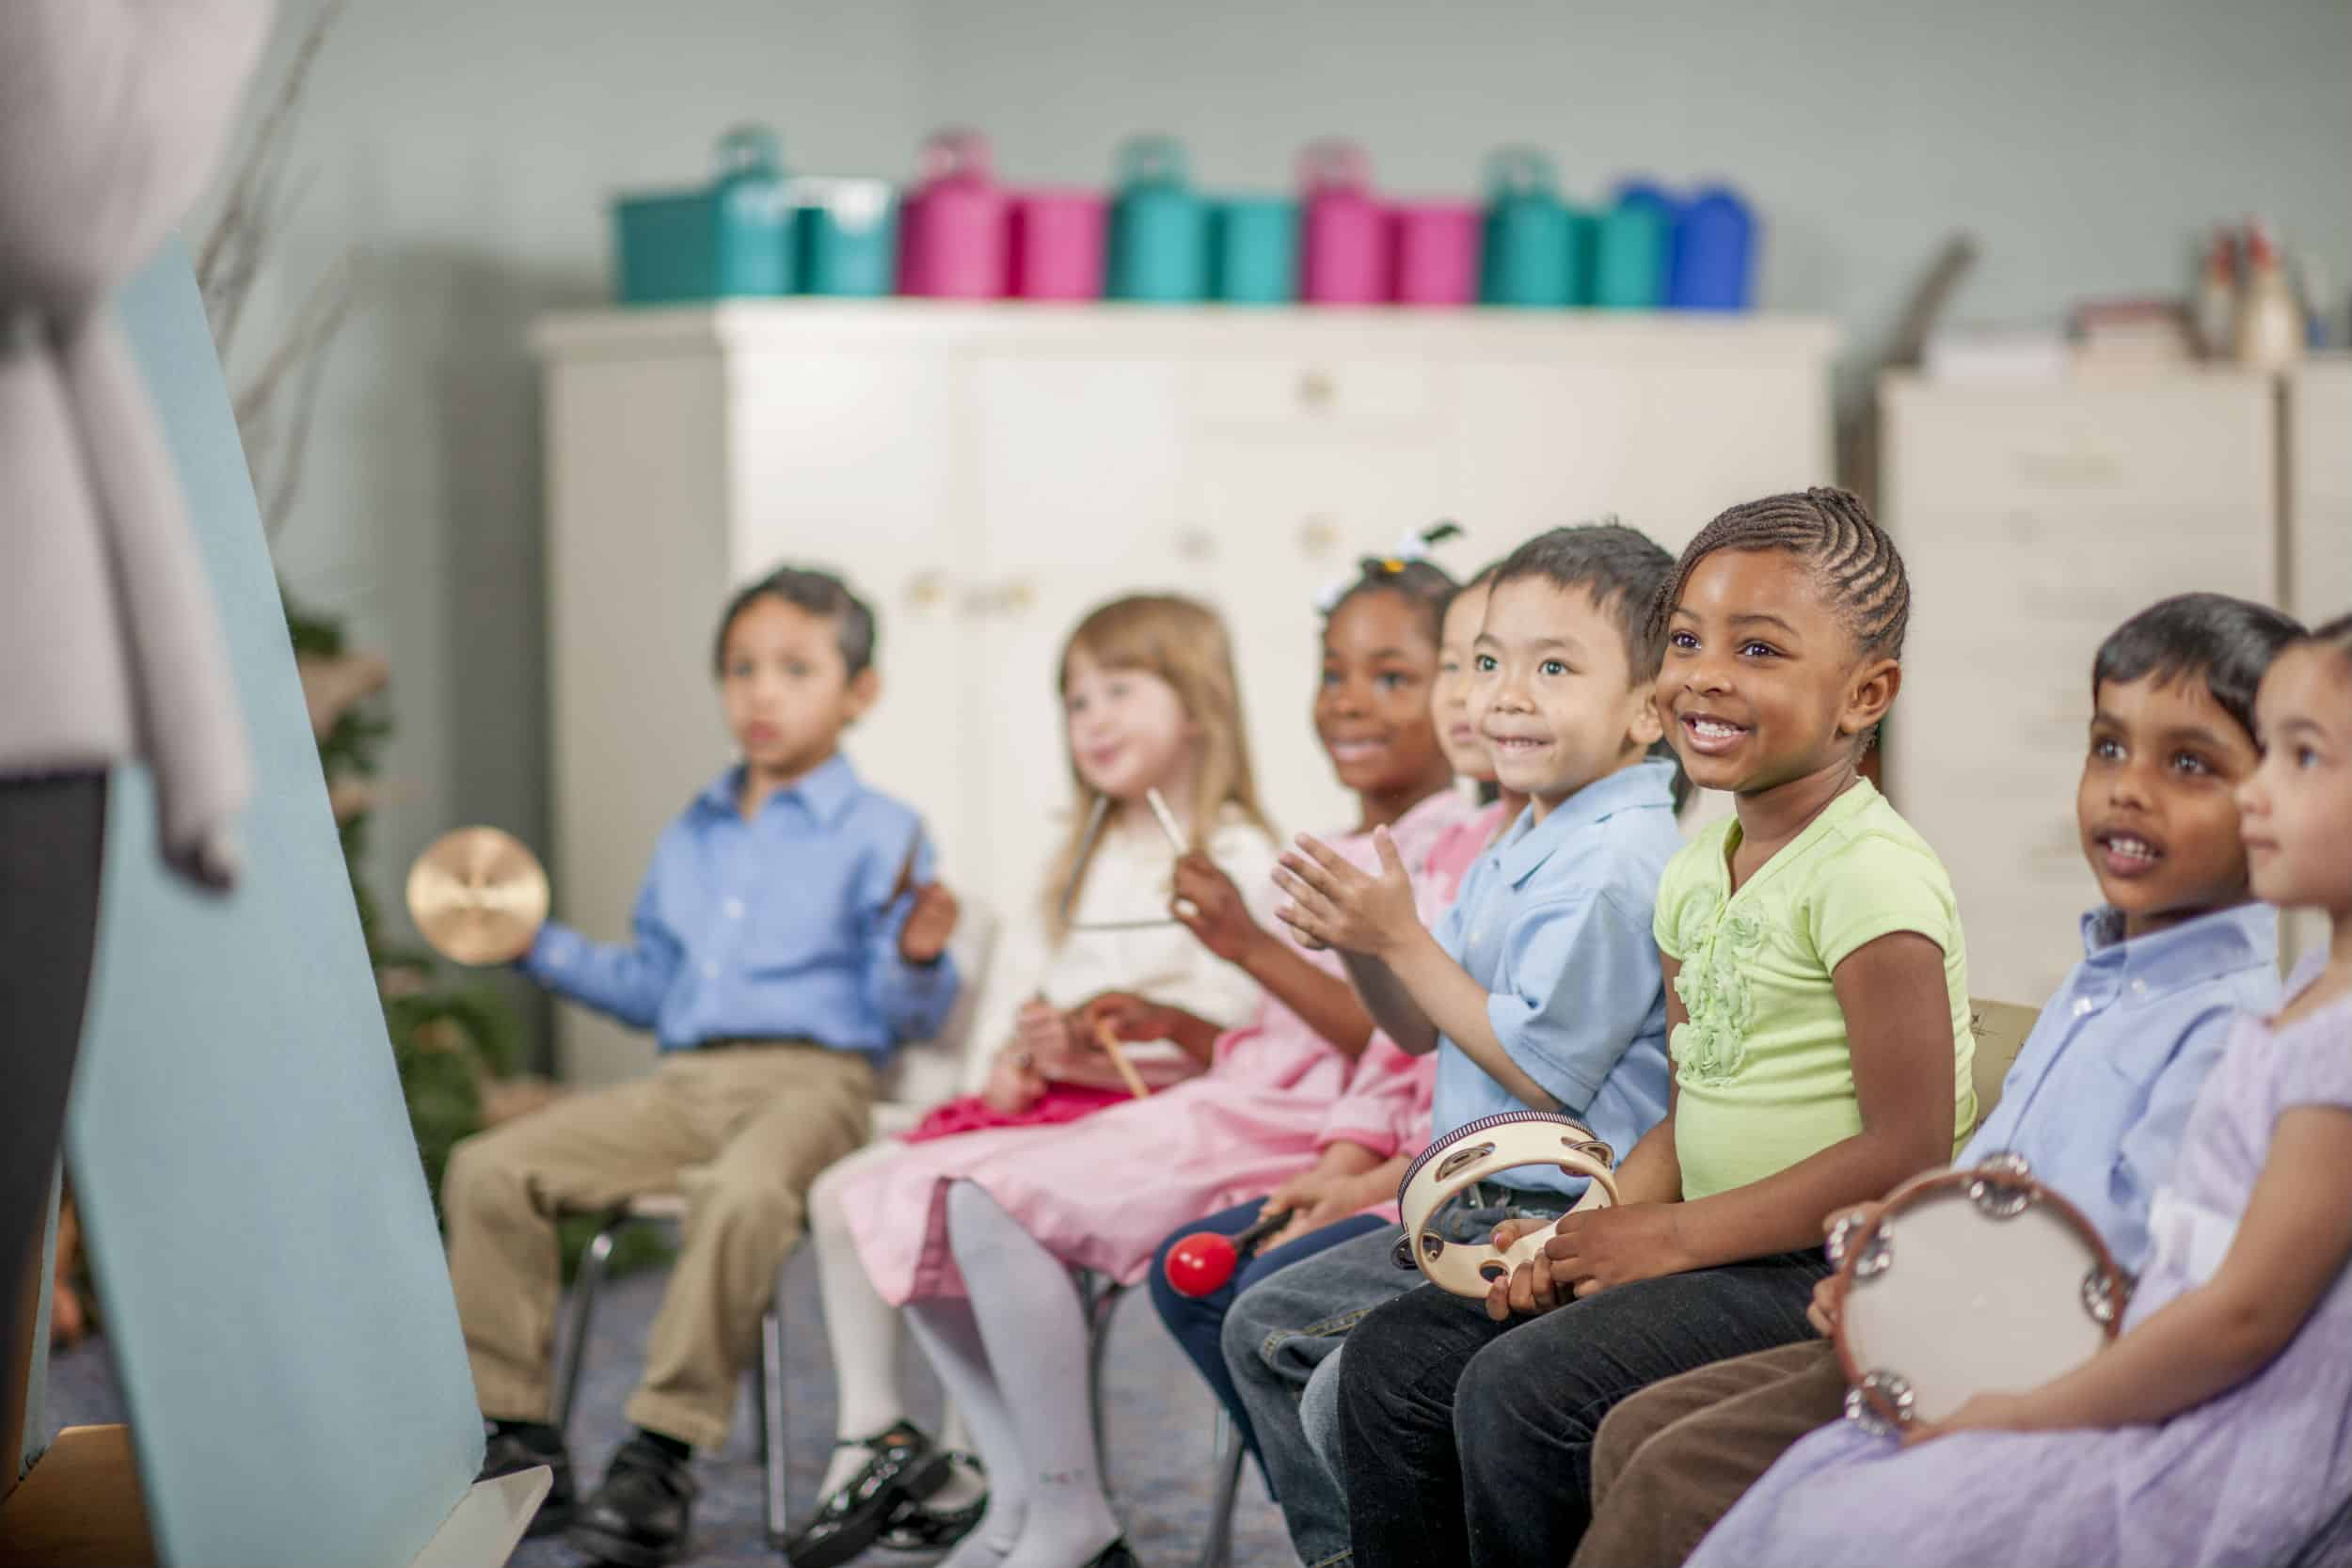 Children-Making-Music-at-School-505170392_6048x4032